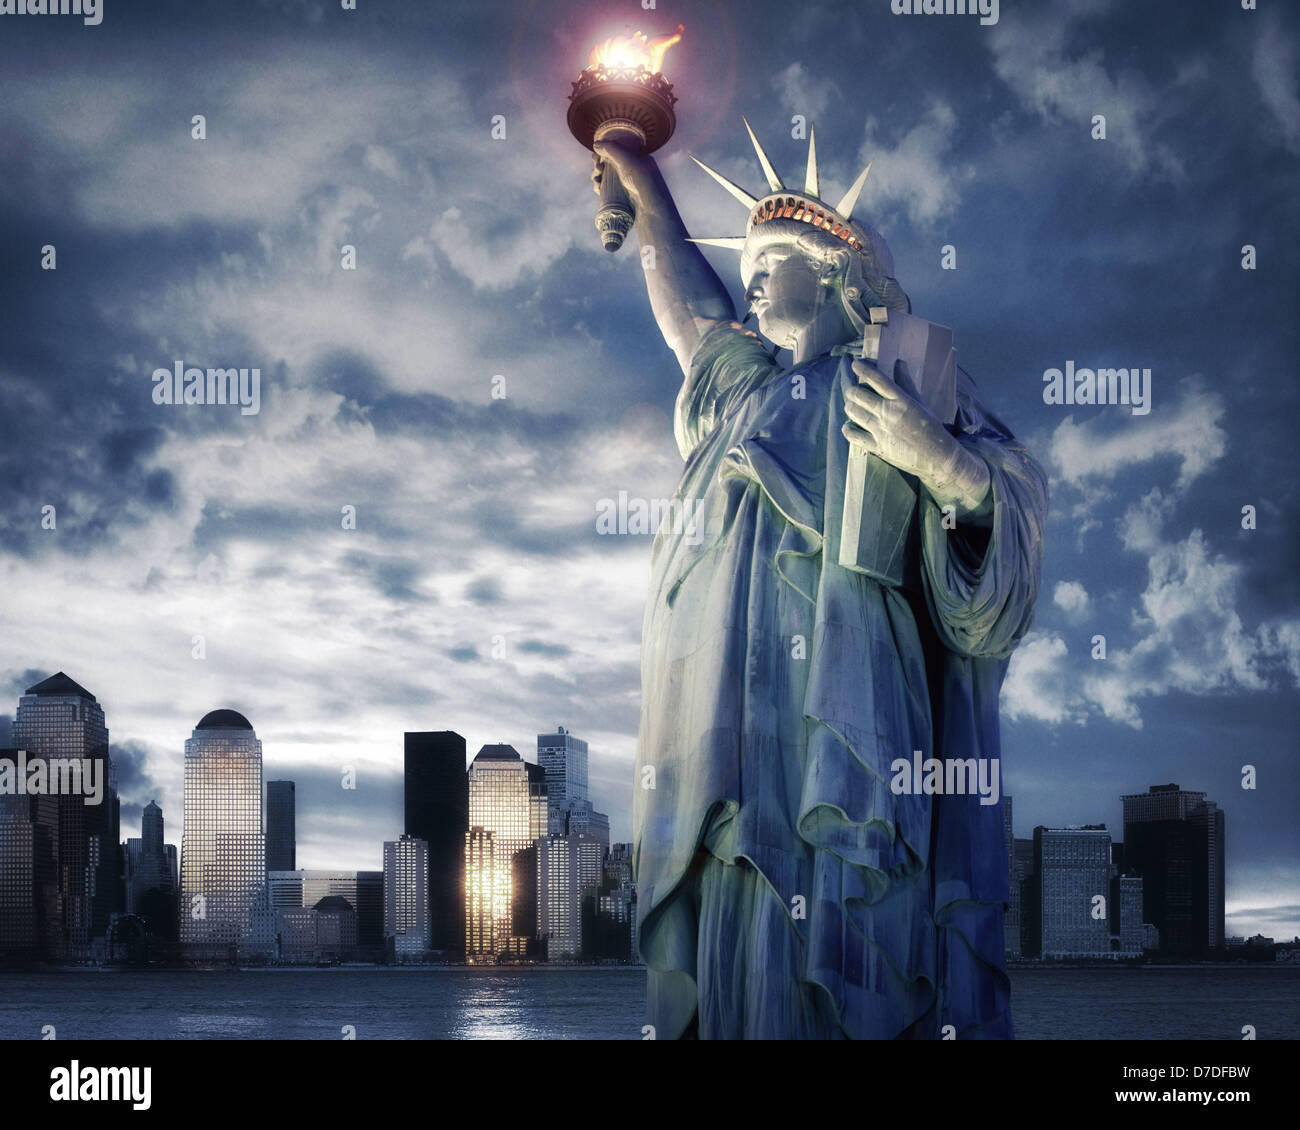 USA - NEW YORK: Concetto di viaggio Immagini Stock